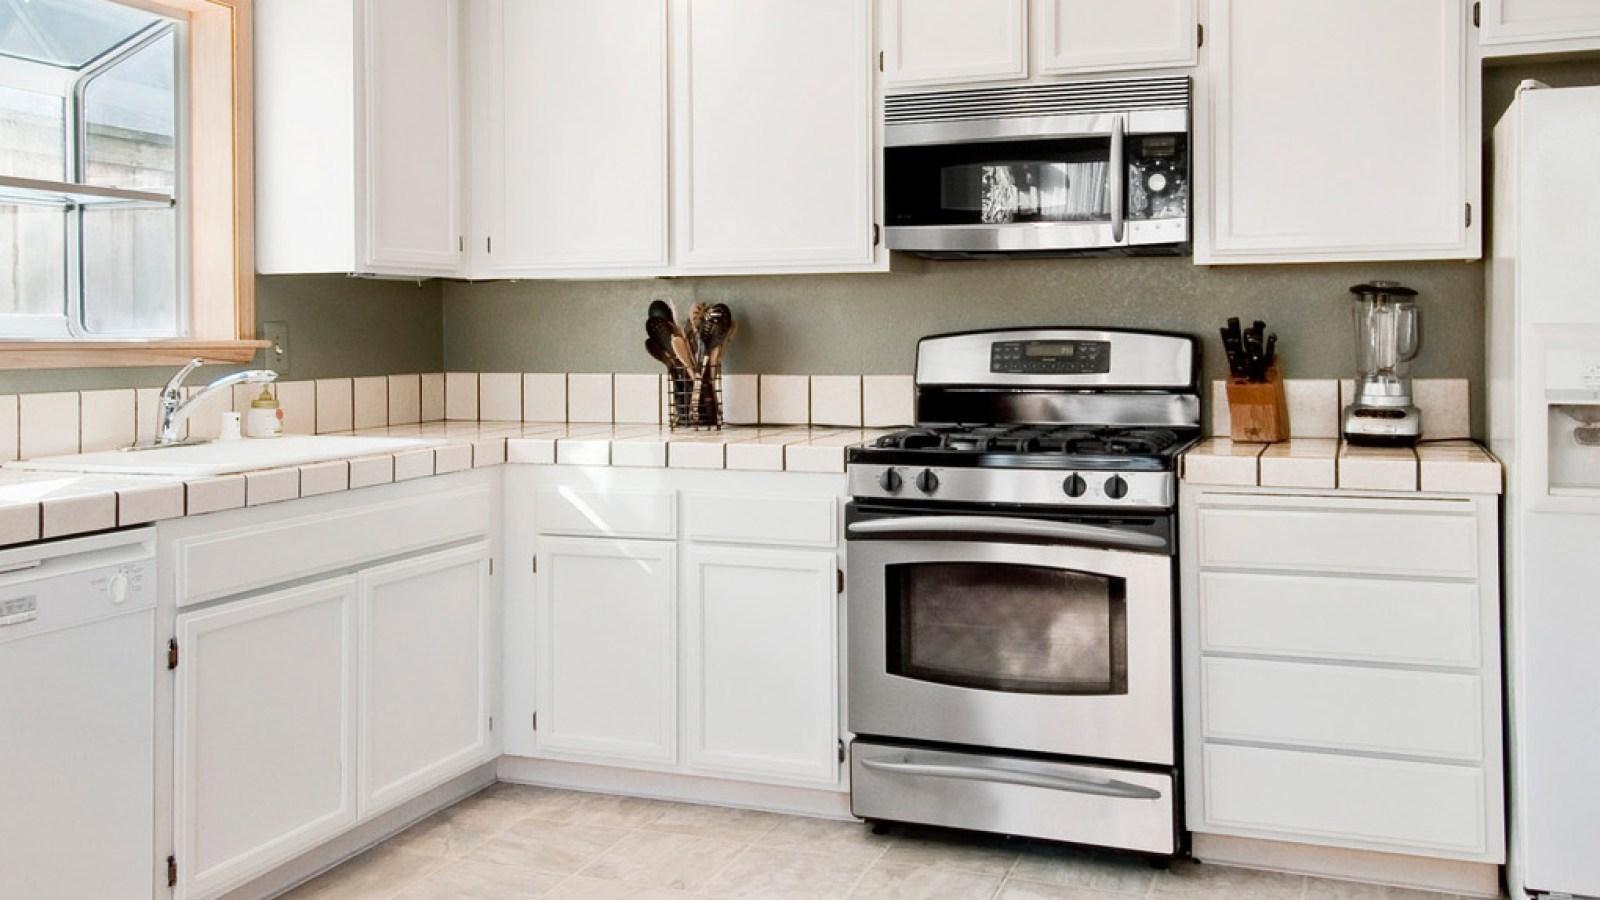 bg-image-kitchen-2